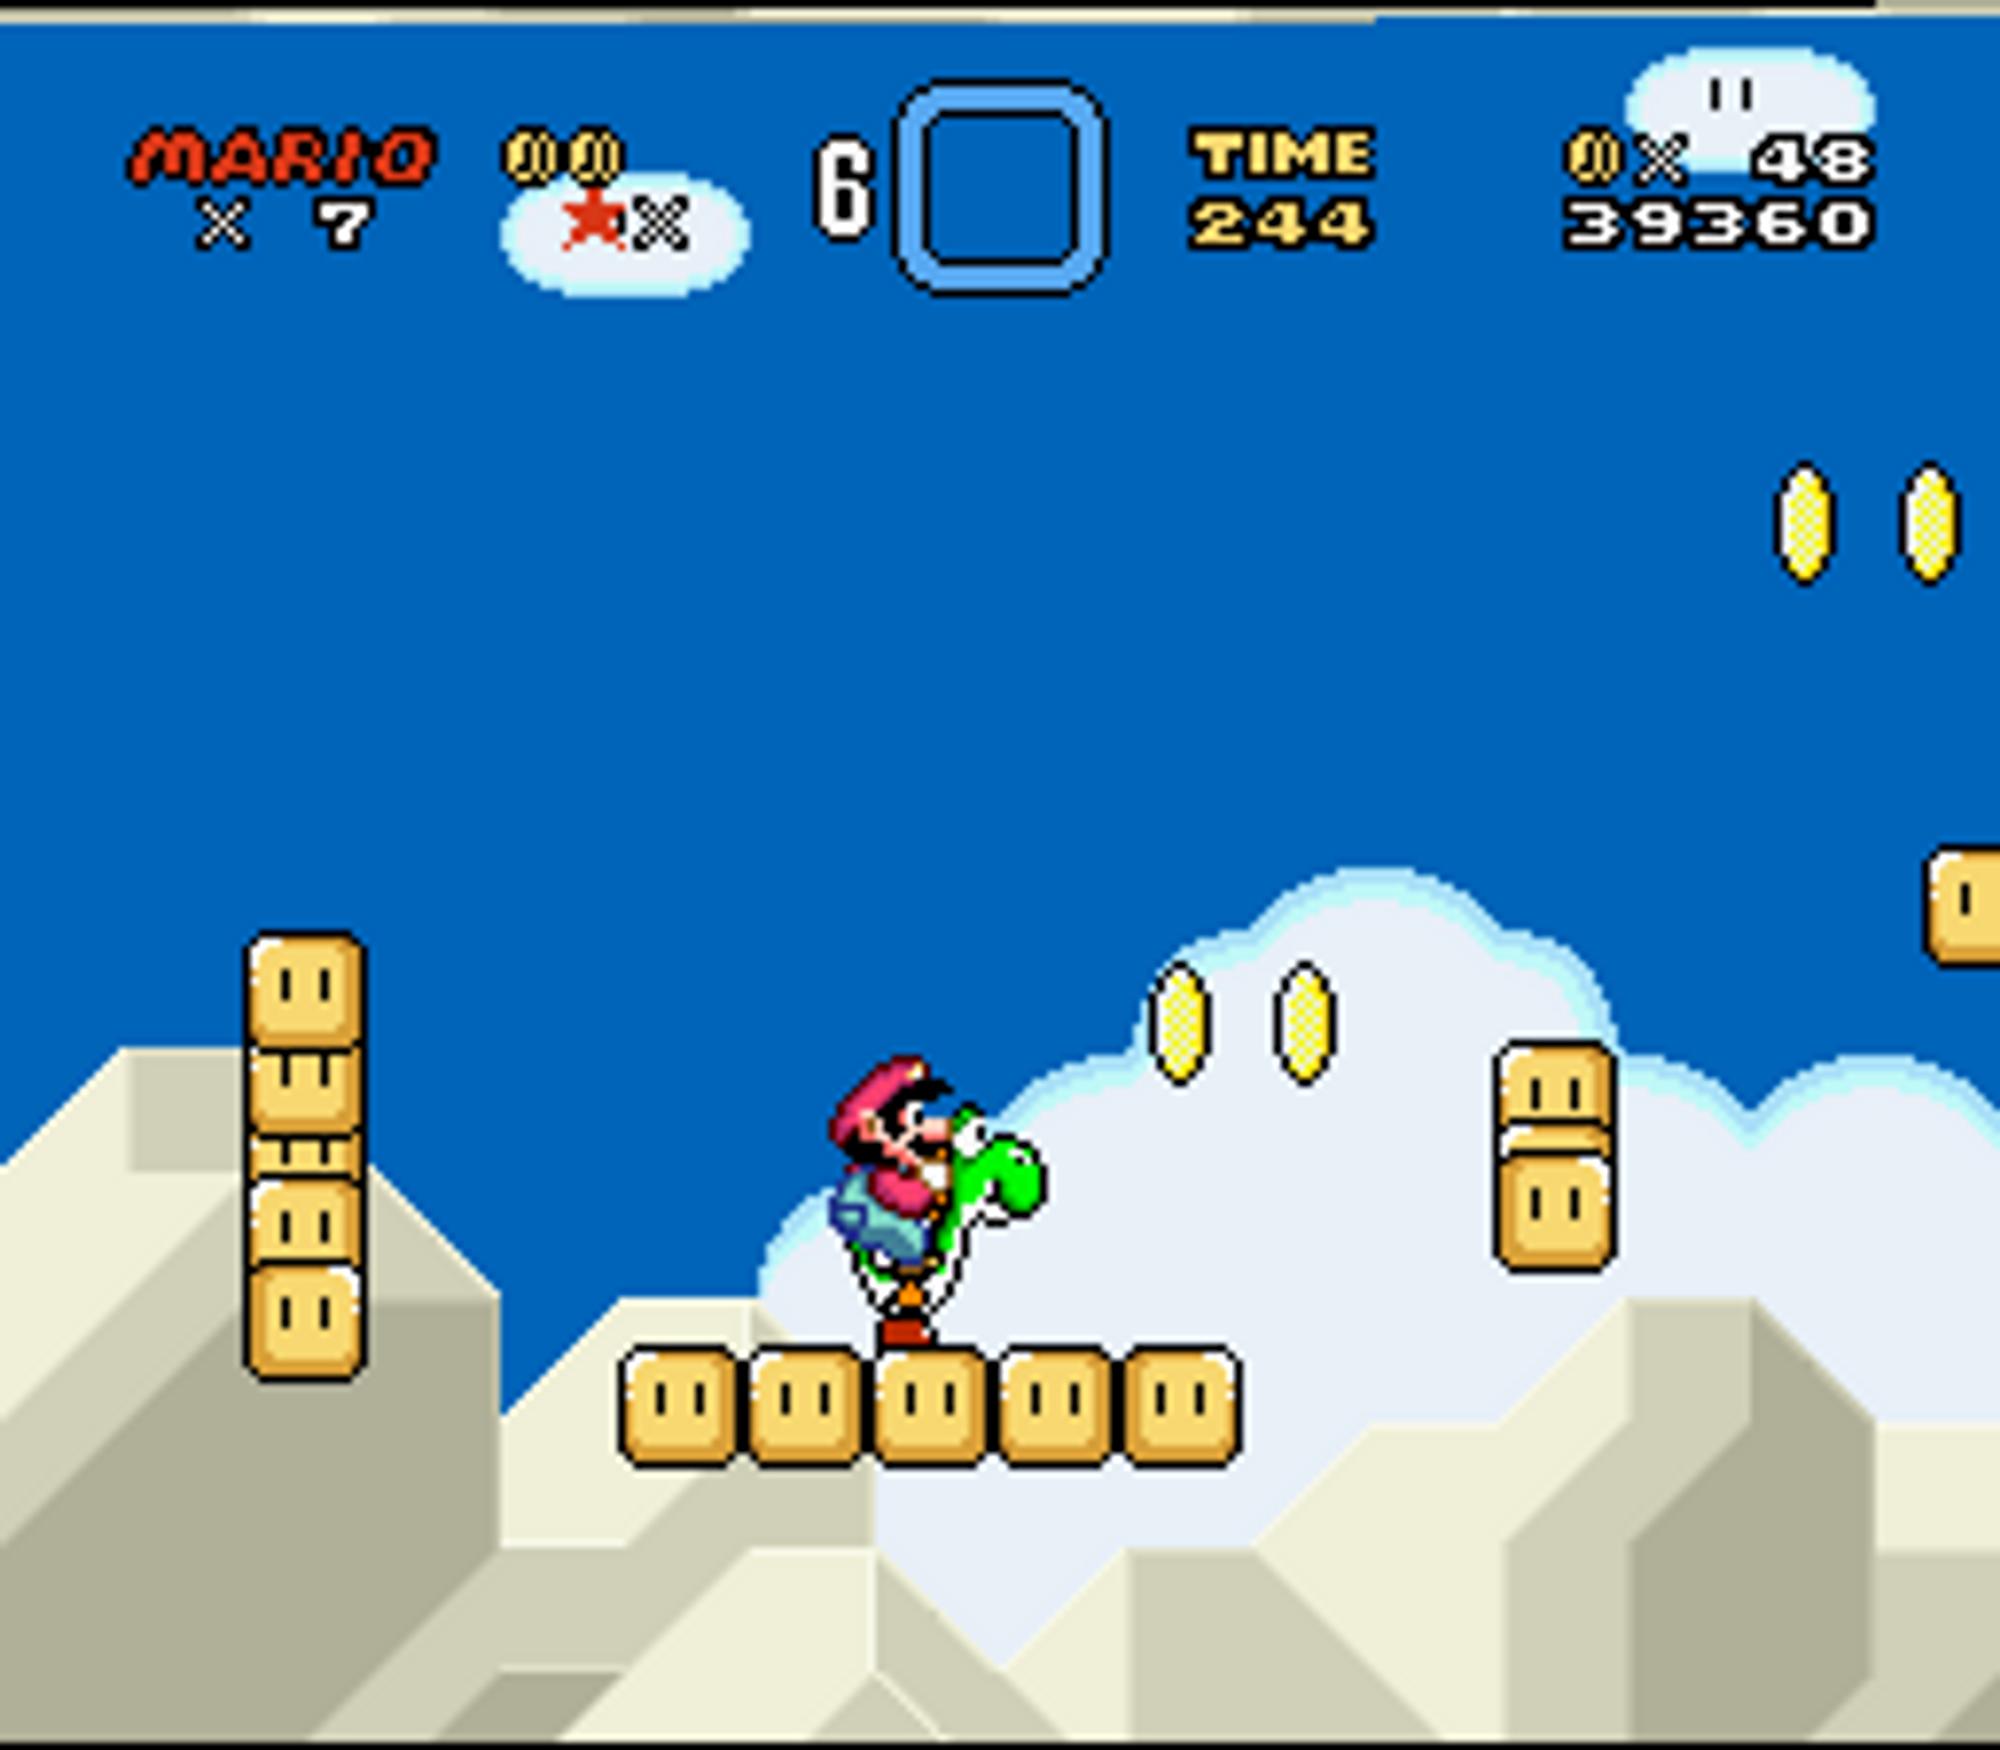 Mario i kjent stil, på ryggen til Yoshi.